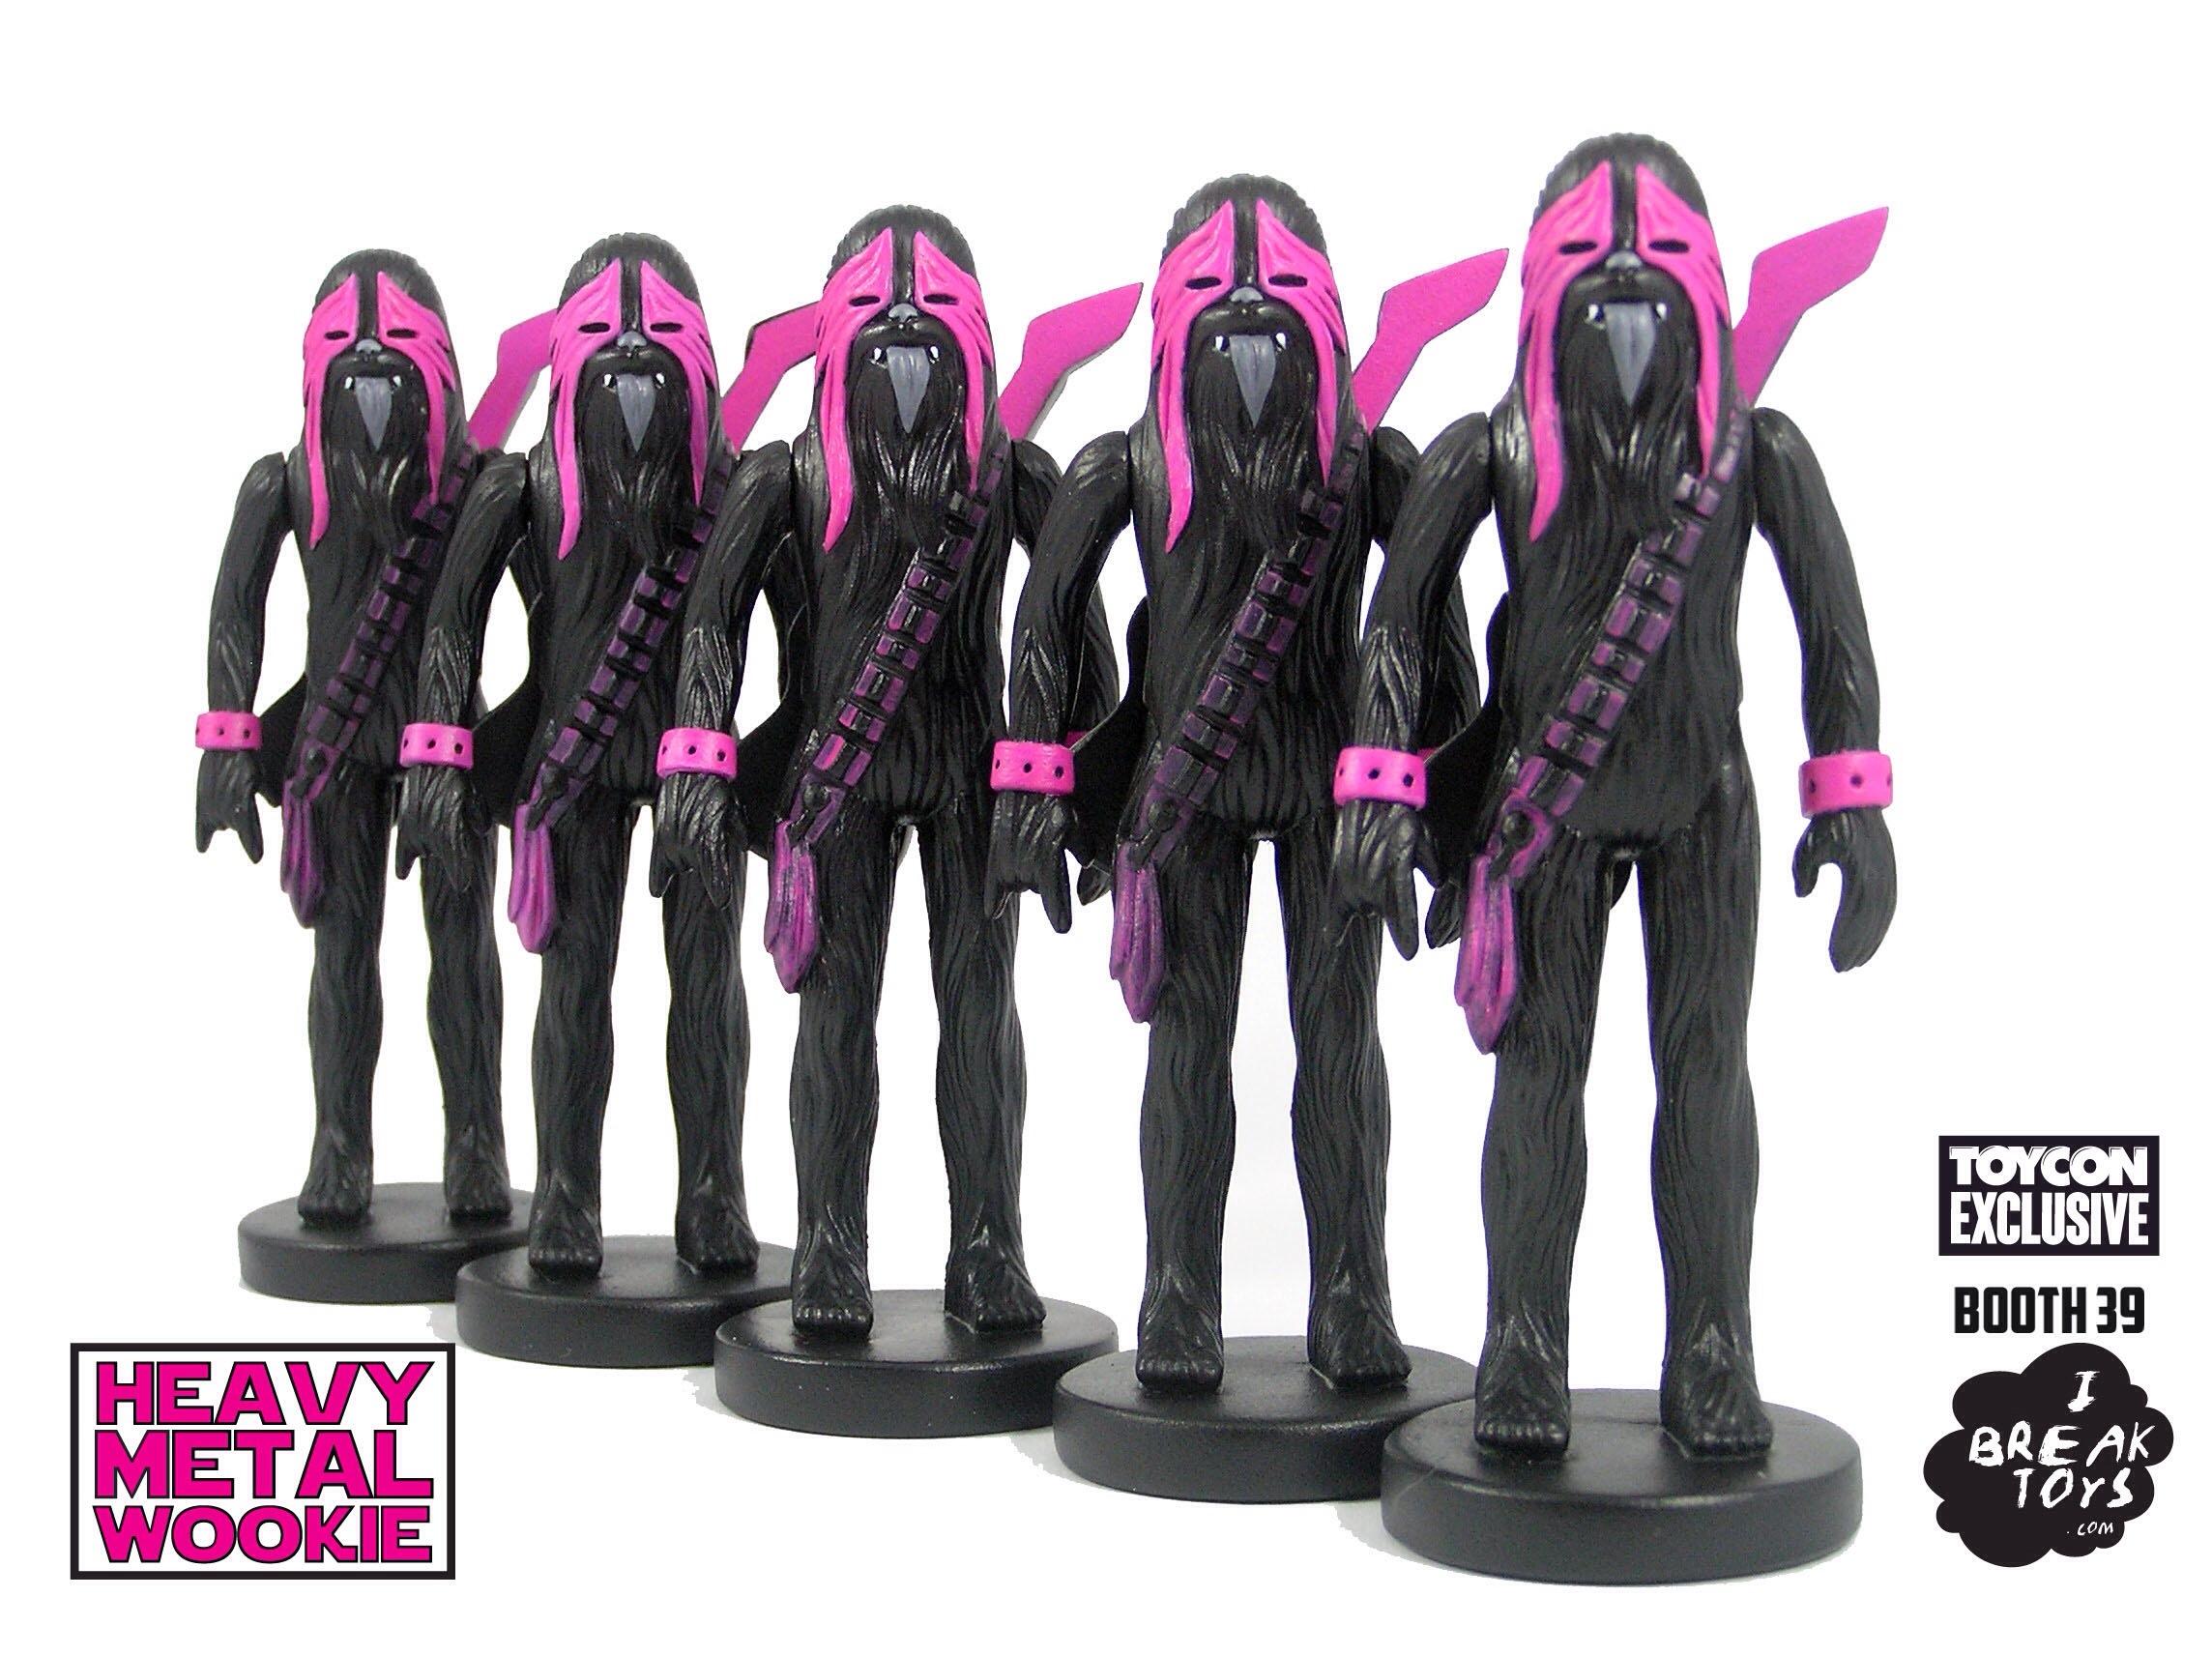 I Break toys pink heavy metal wookie